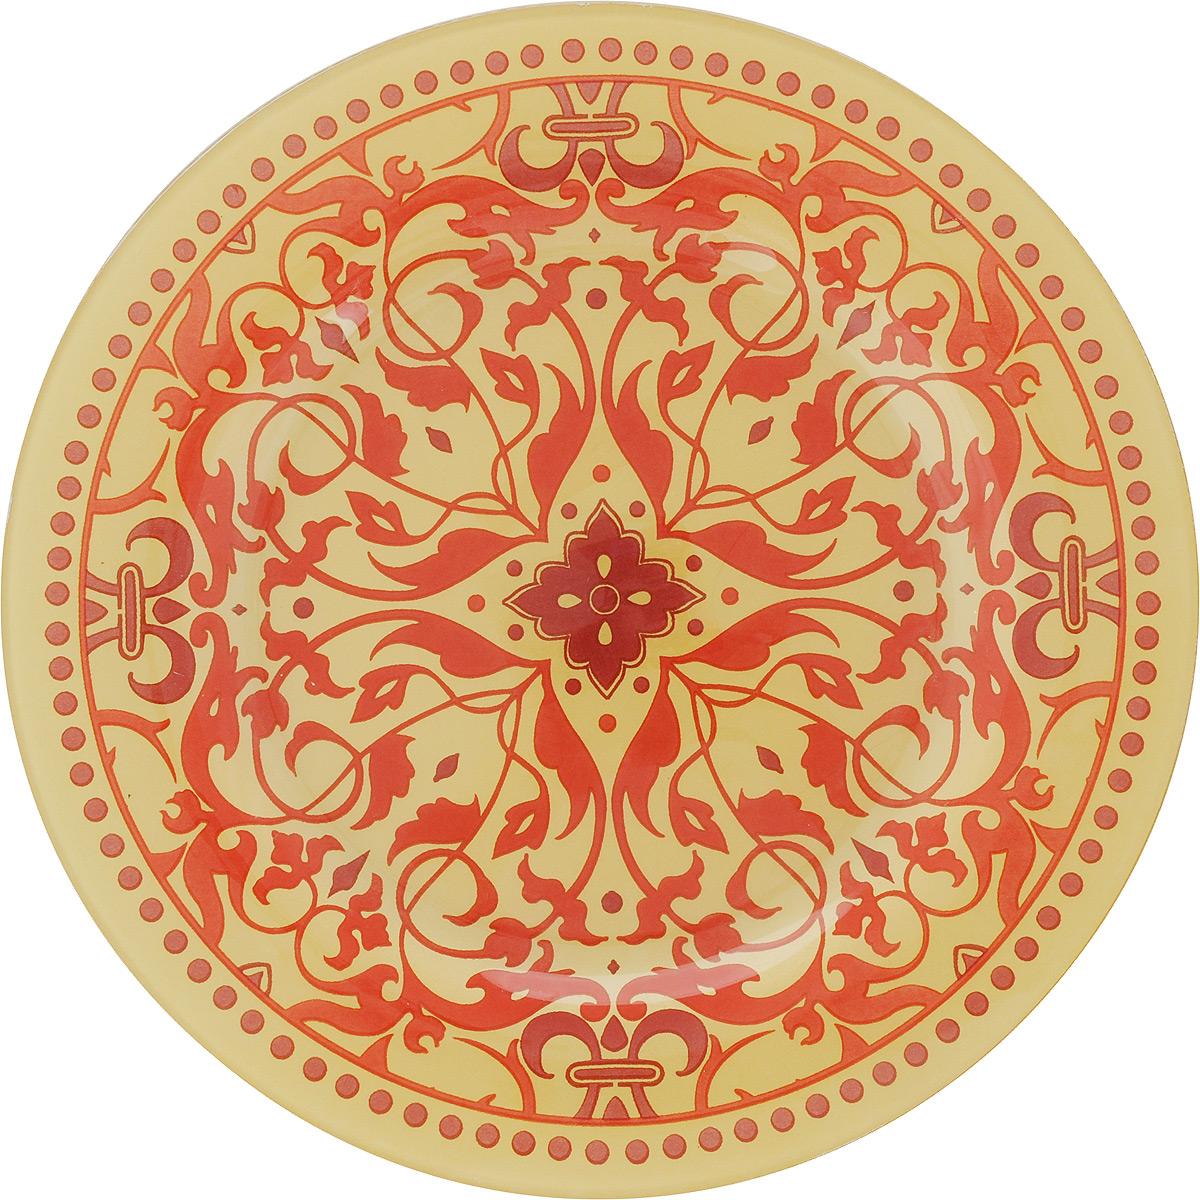 Тарелка Zibo Shelley Золотой узор-1, диаметр 25 смZSS3010A-1Круглая тарелка Zibo Shelley Золотой узор-1, изготовленная из стекла, декорирована ярким узором. Она не только украсит сервировку вашего стола и подчеркнет прекрасный вкус хозяйки, но и станет отличным подарком. Можно использовать в посудомоечной машине и СВЧ. Диаметр: 25 см. Высота: 1,5 см.